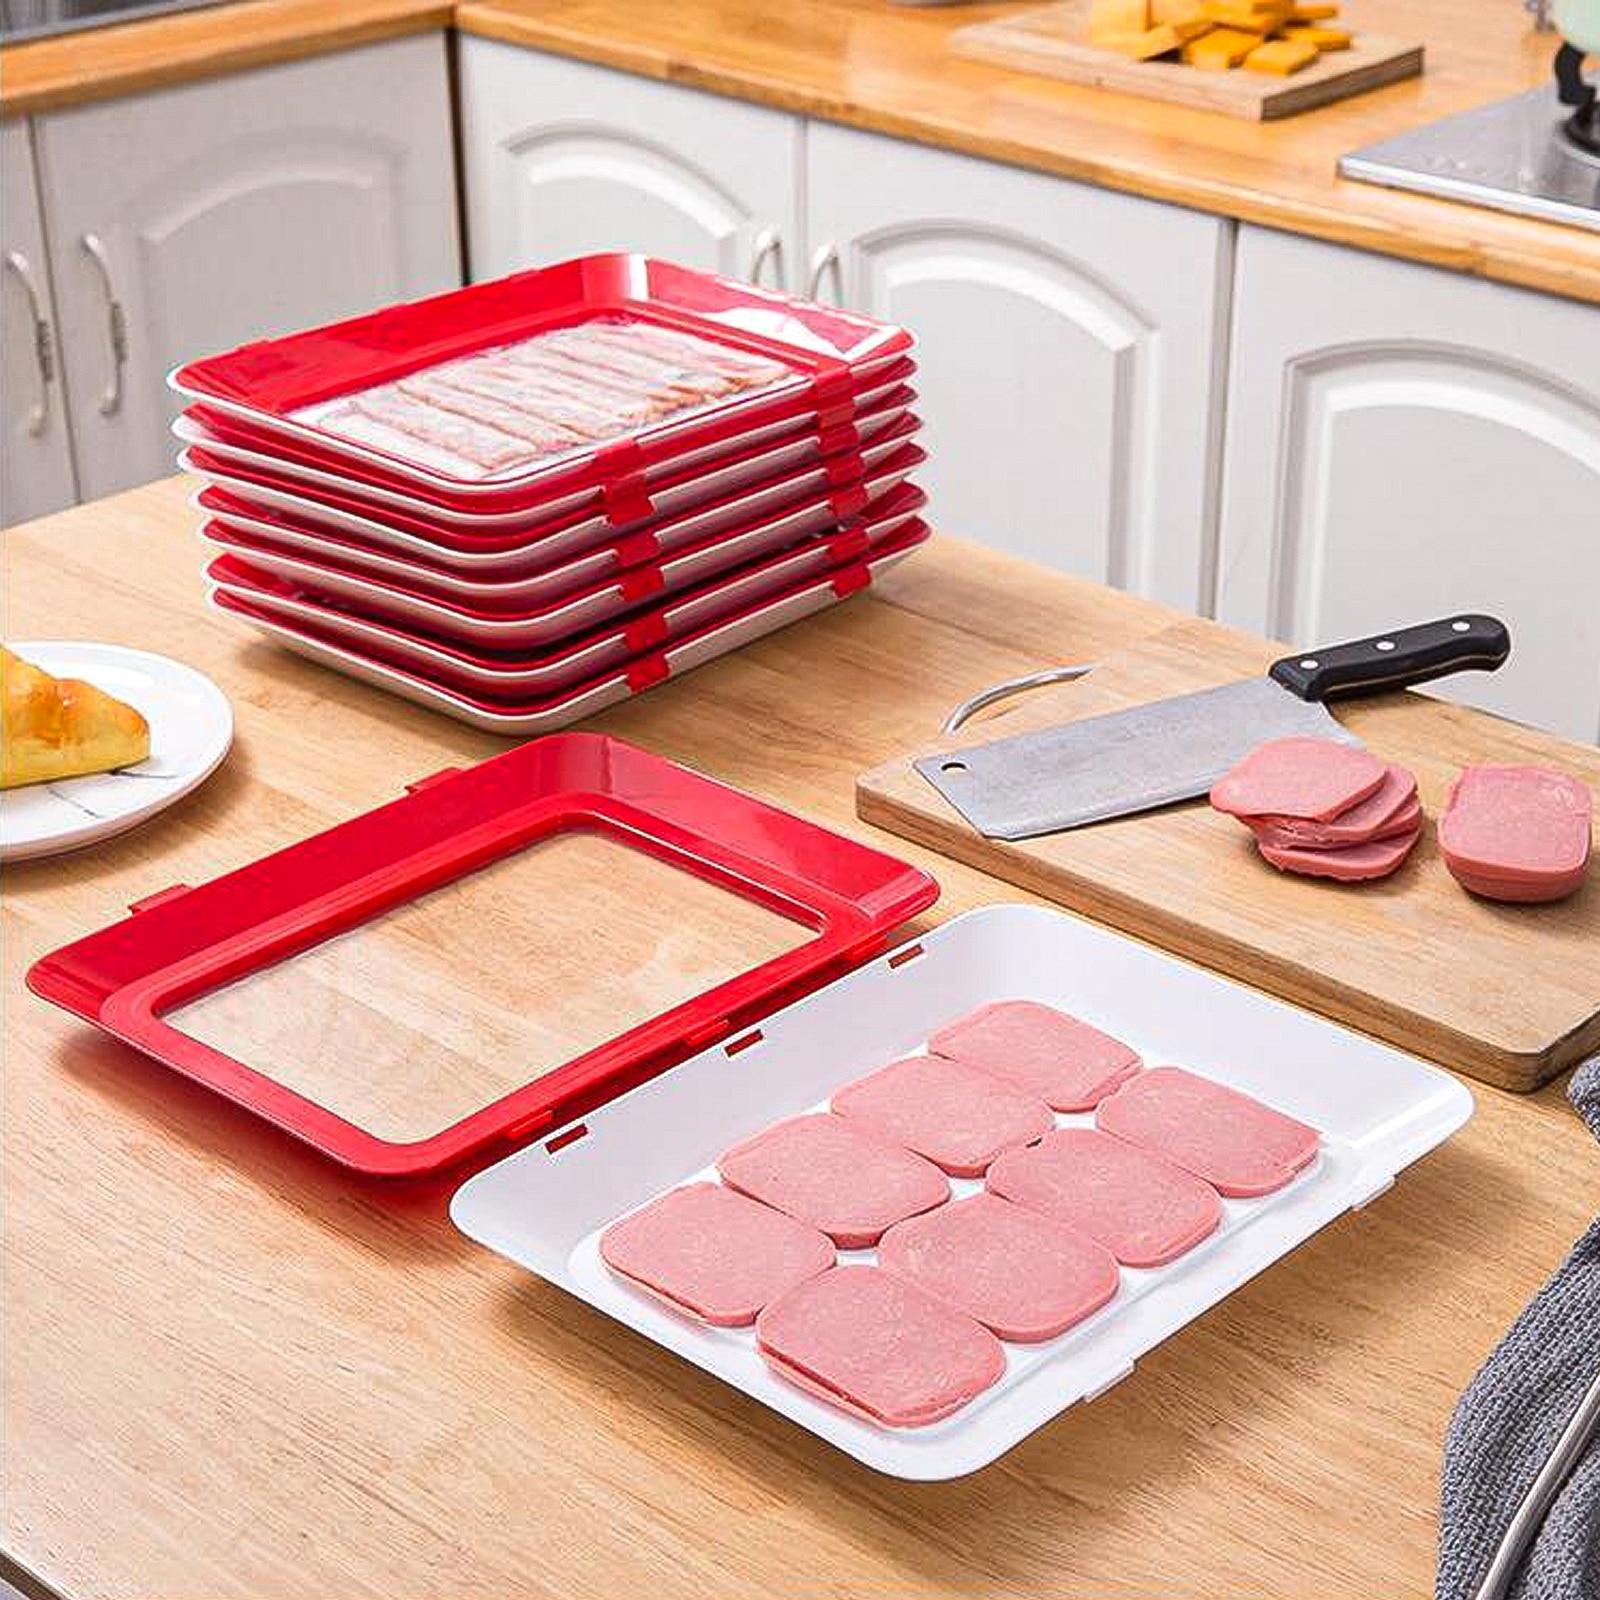 1pc Штабелируемый Еда сохранение лоток Vacuum Seal Еда контейнер для хранения с эластичной крышкой печь многоразовые Кухня инструменты